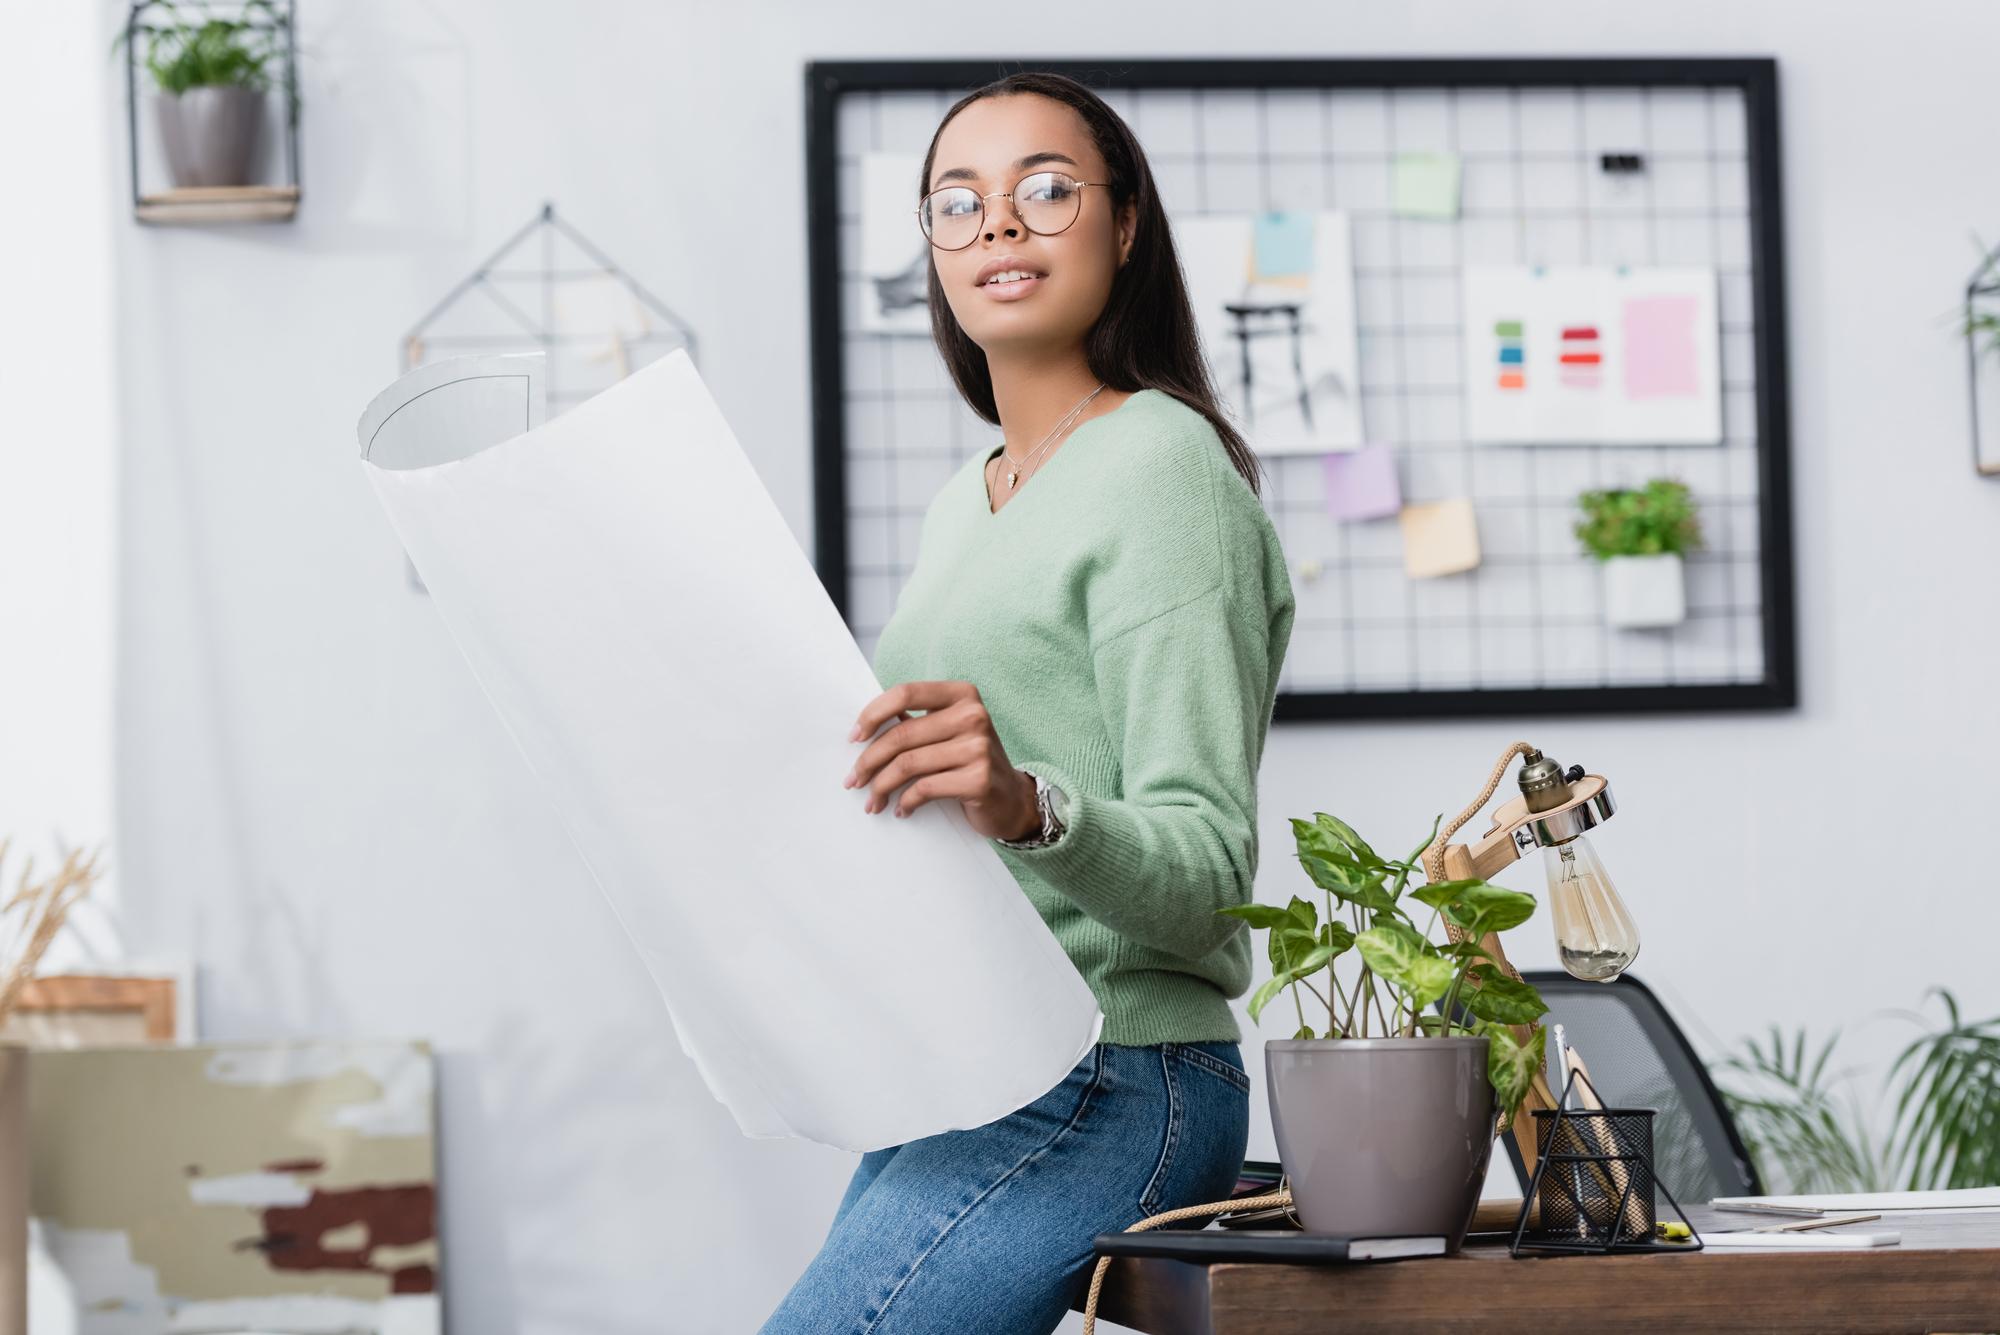 מהו תפקידם של מתאמי שינויי דיירים ?